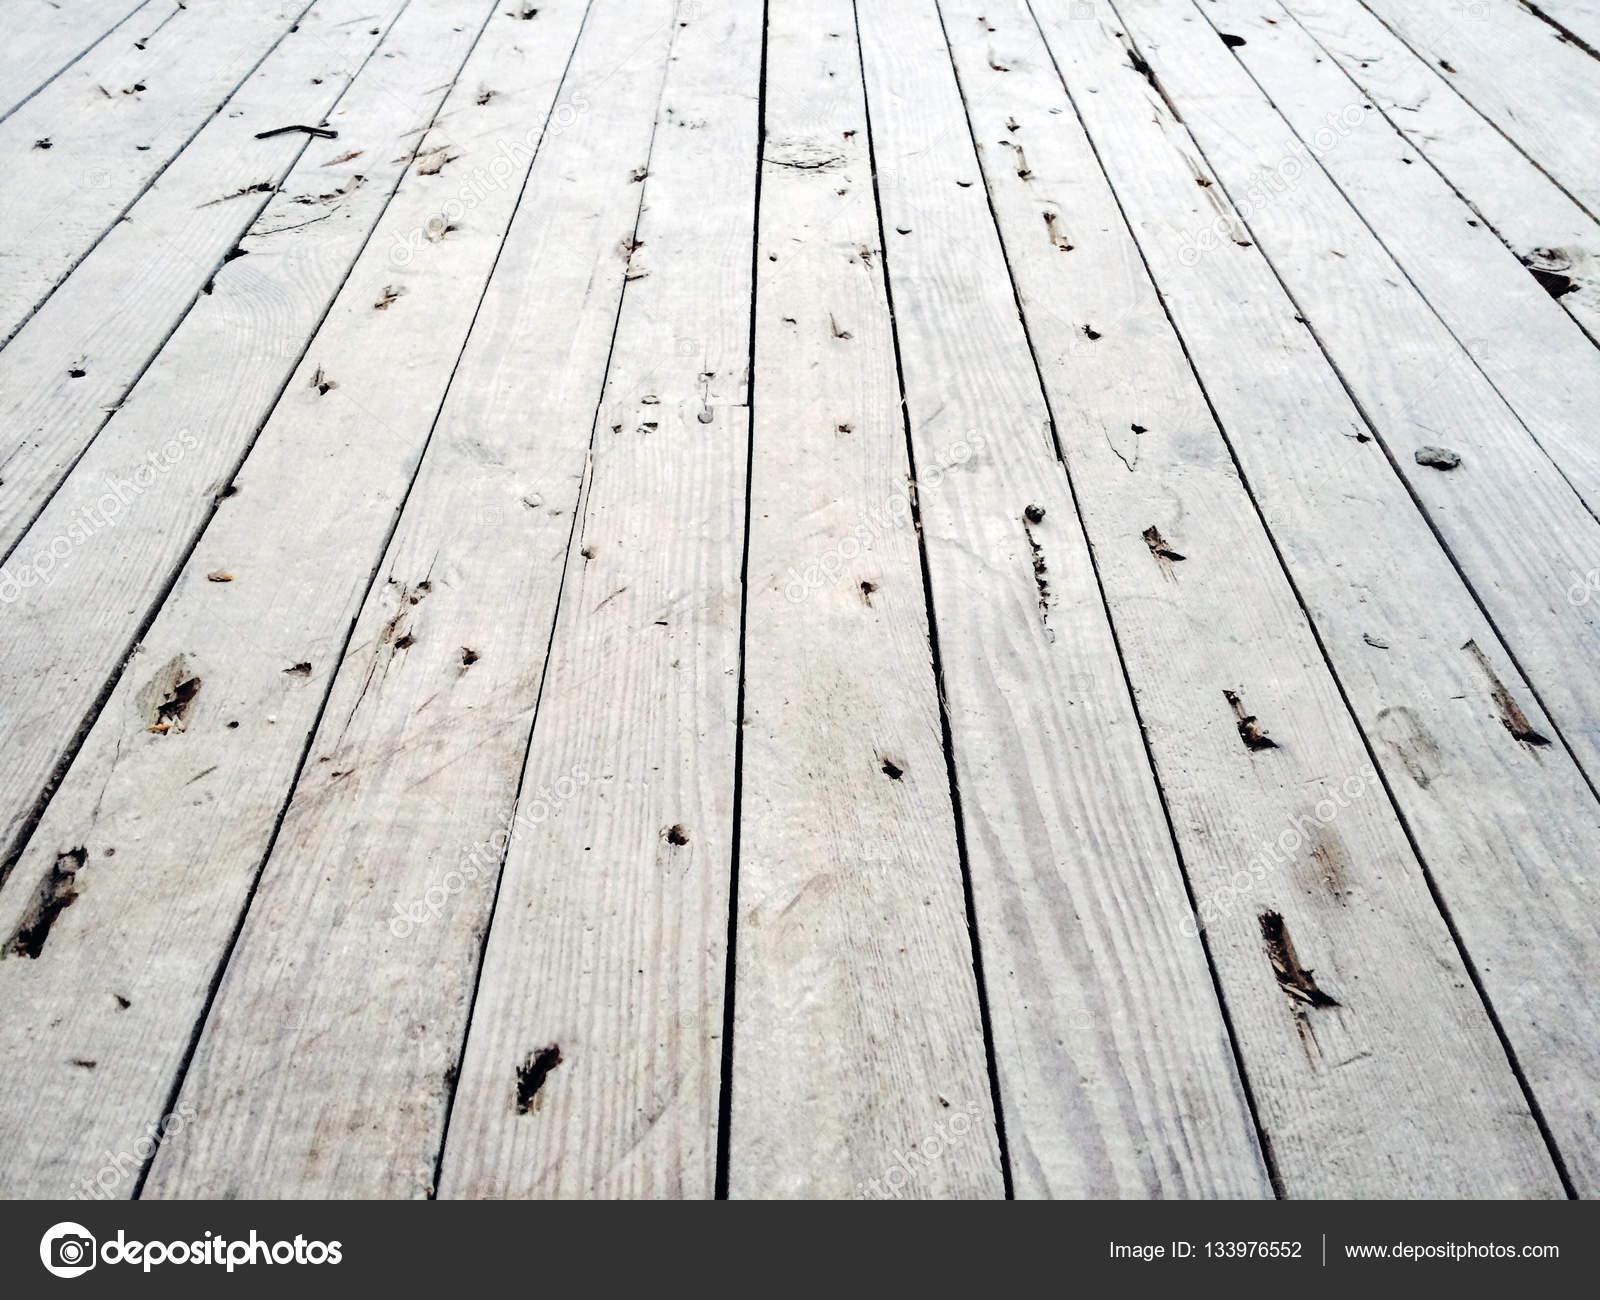 Magnifiek Witte houten vloer achtergrond — Stockfoto © dawesign #133976552 &KT93